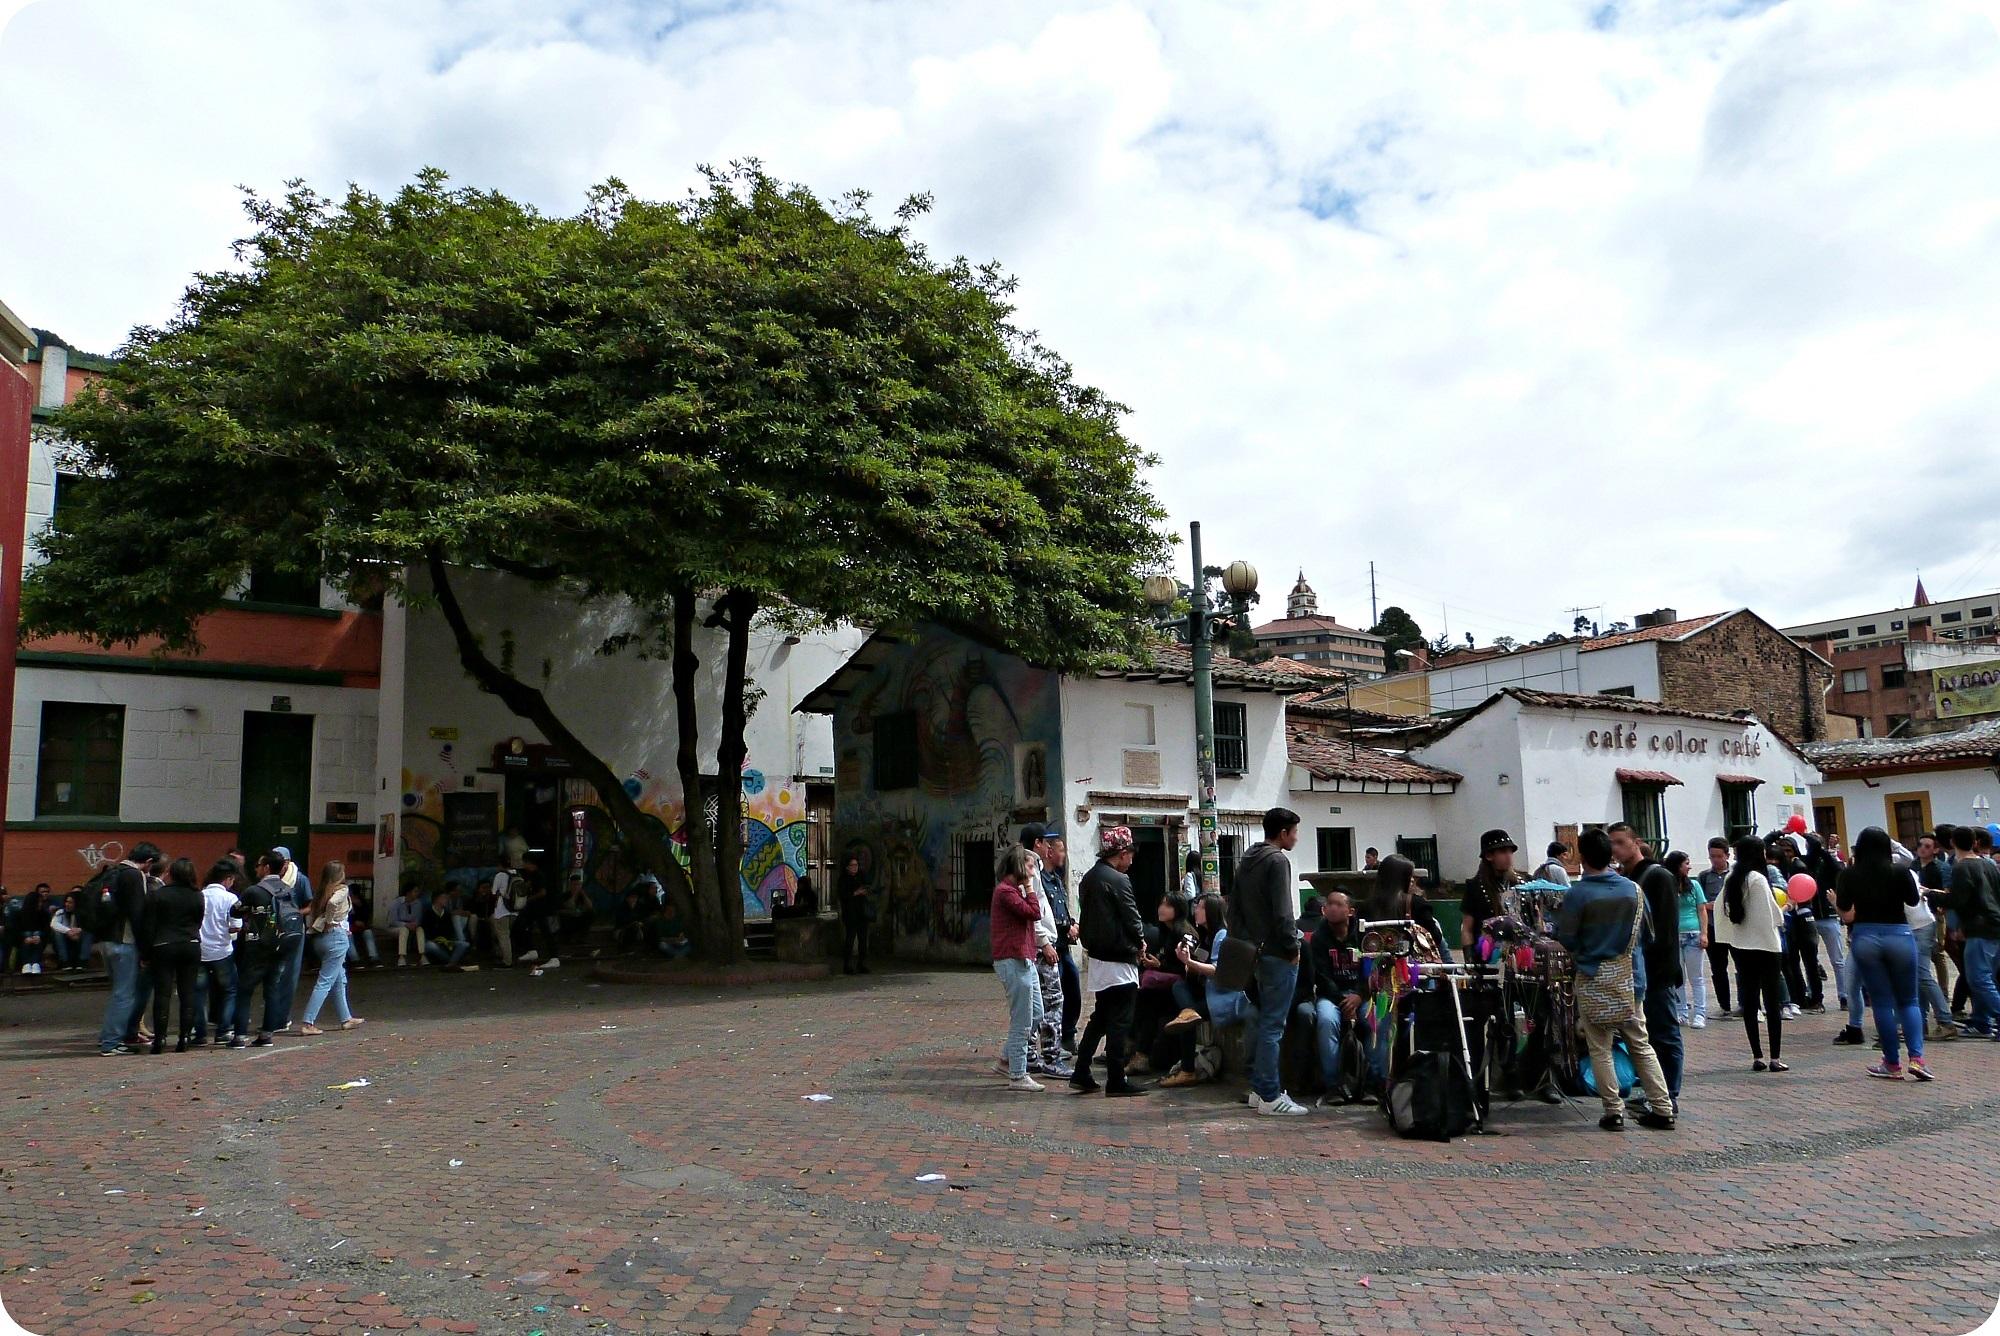 Place très peuplée de jeunes dans le quartier de la Candelaria à Bogotá